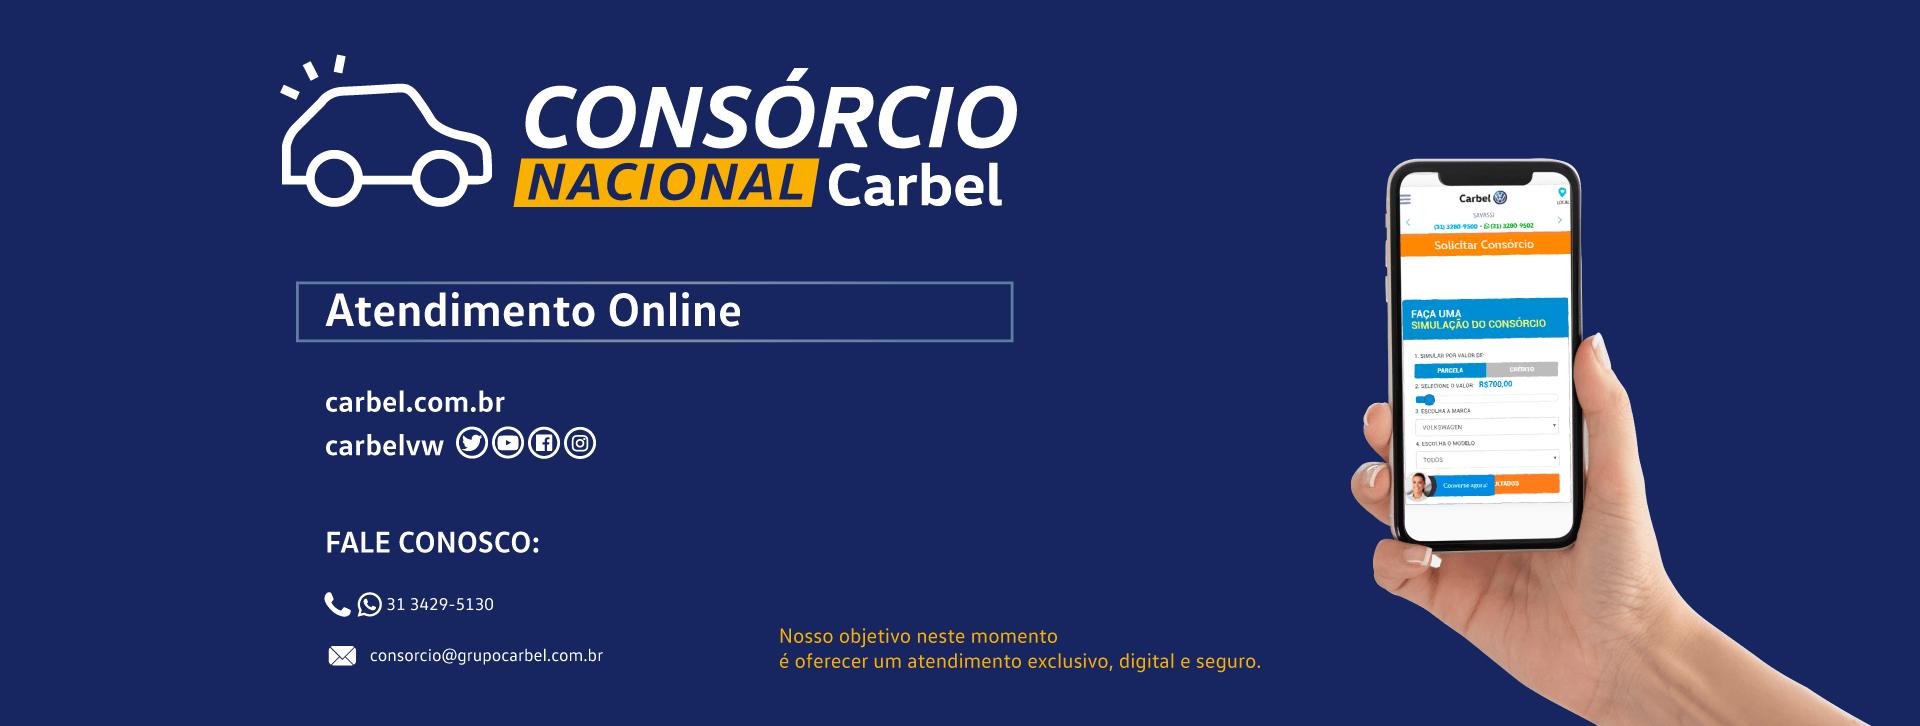 Banner informativo | Consórcio